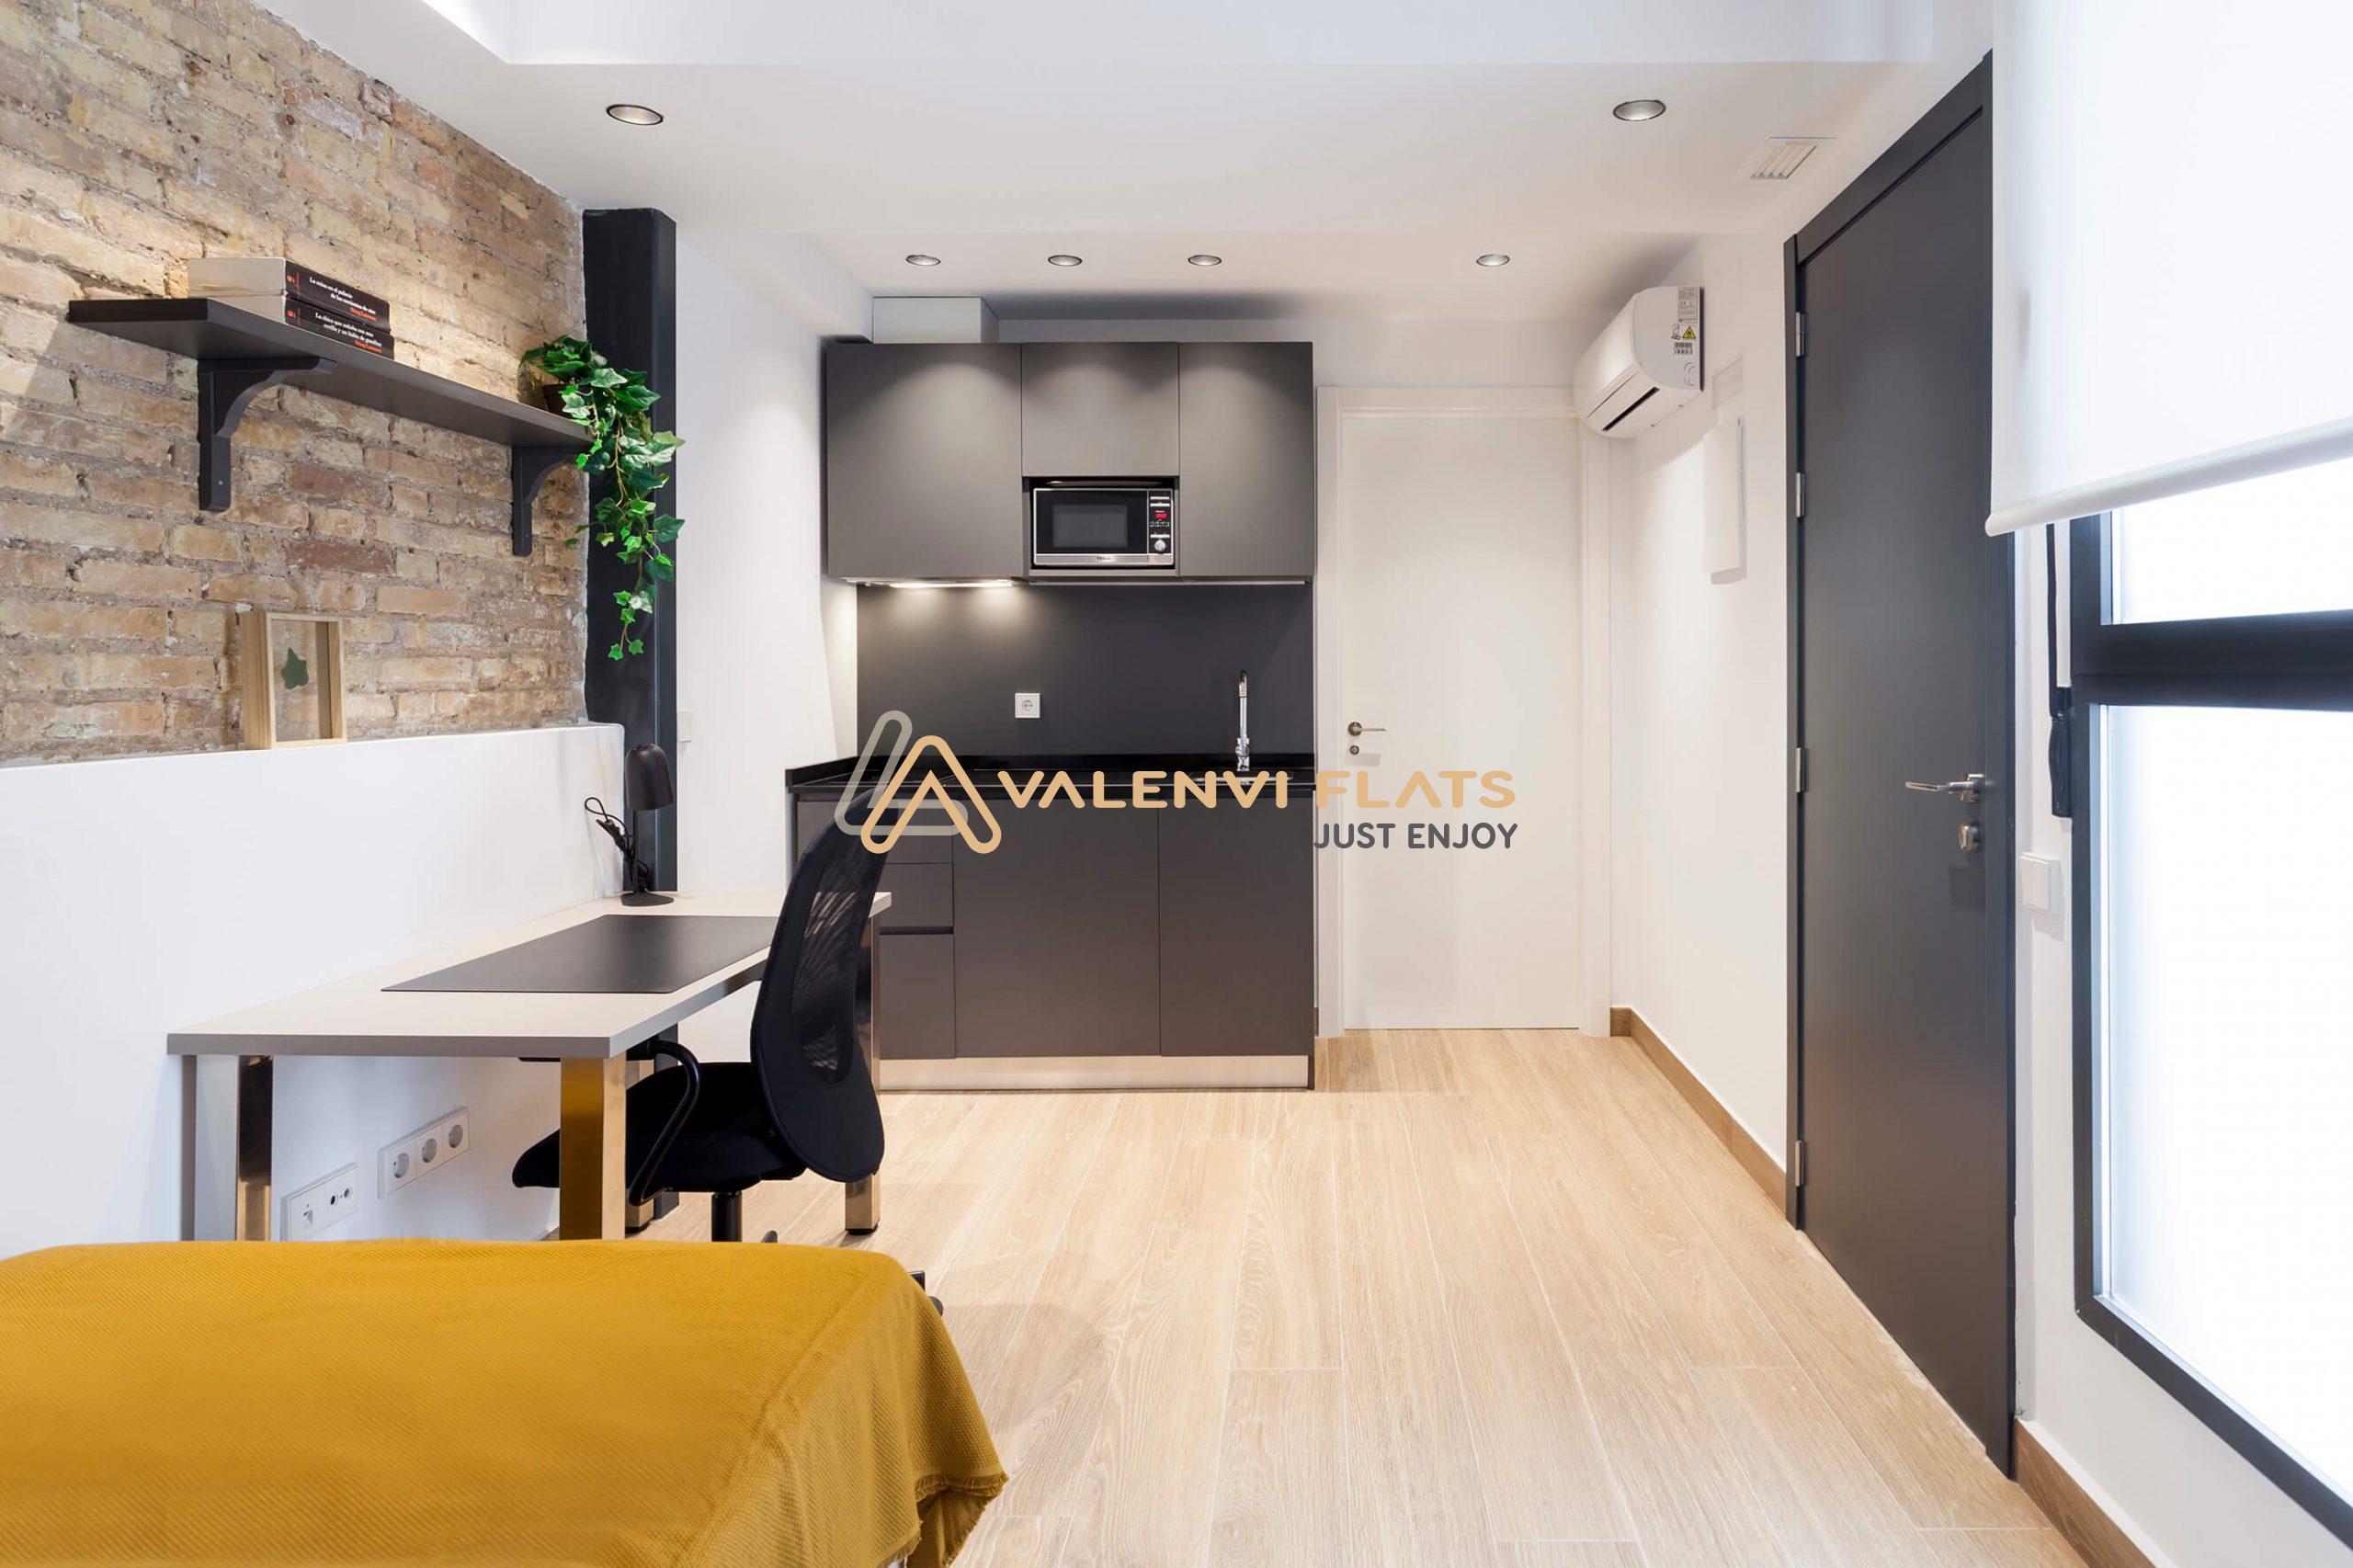 Imagen de la amplitud del estudio con el escritorio, la cocina oficce, las baldas, el aire acondicionado, el baño privado y la entrada al estudio